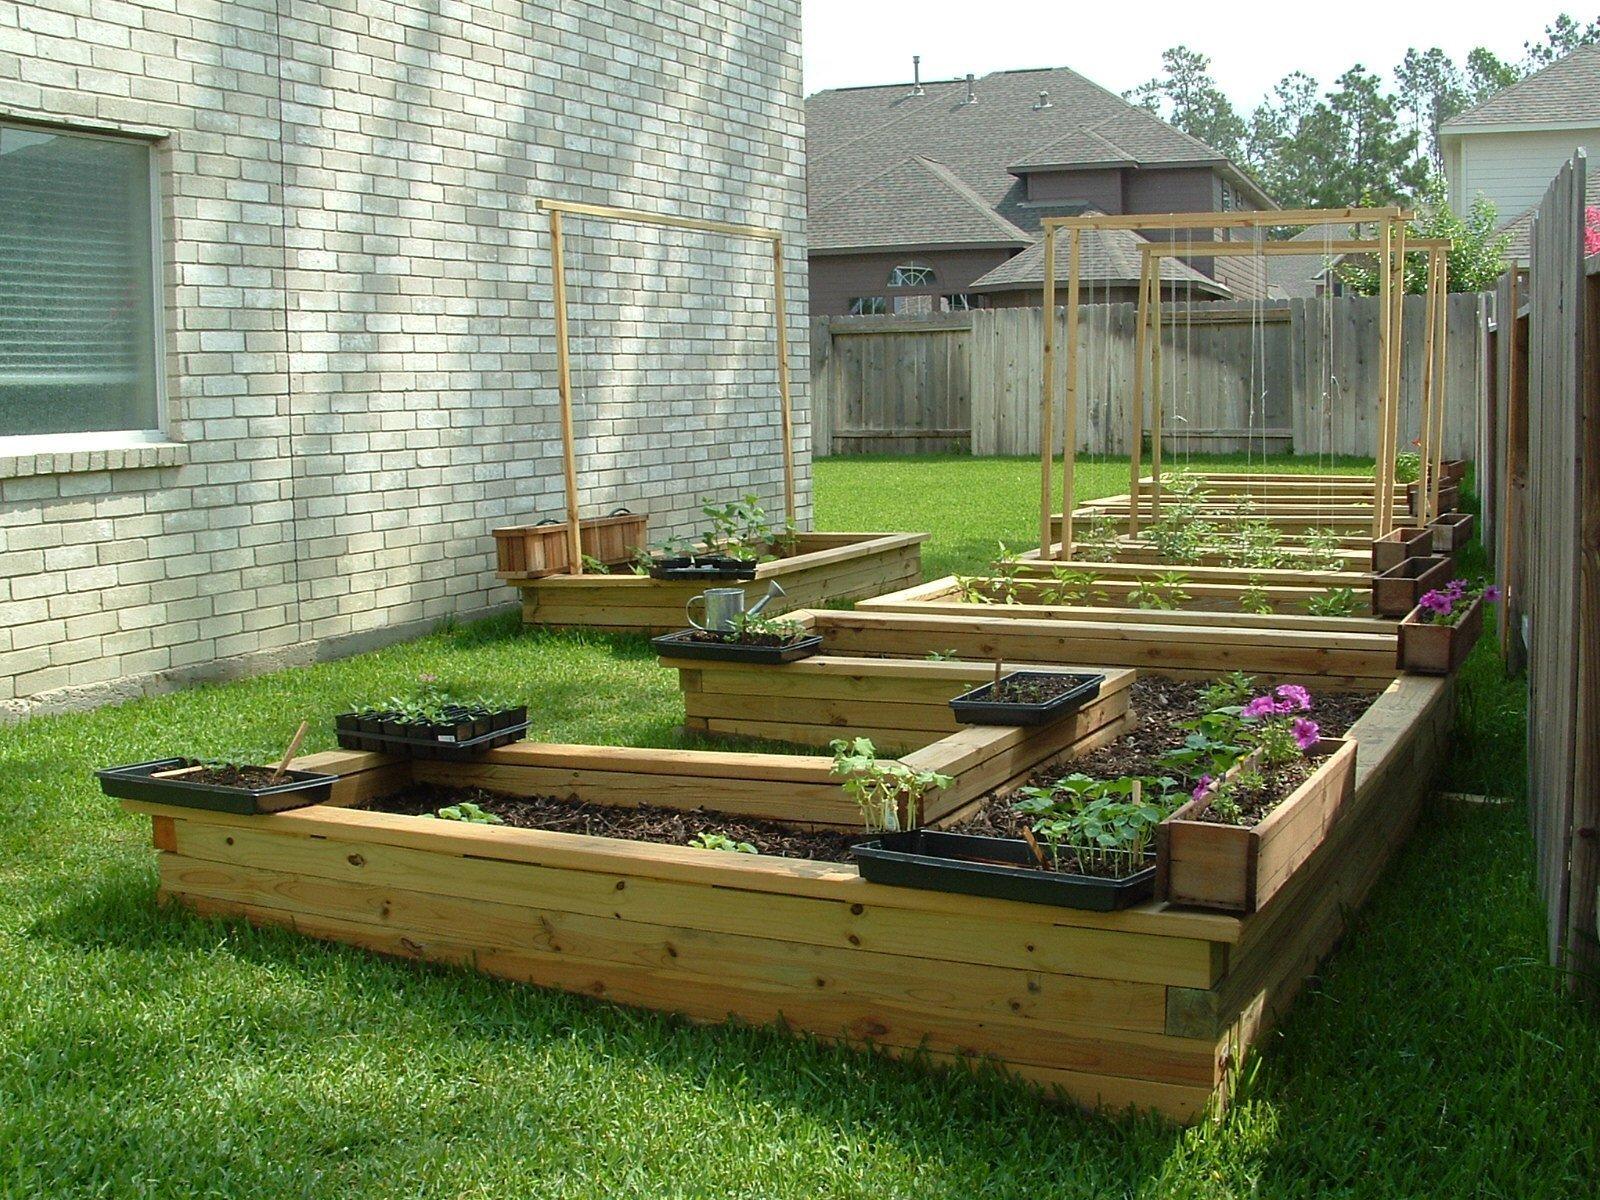 сырое лето сад огород дача своими руками фото любимому картинки мужчине